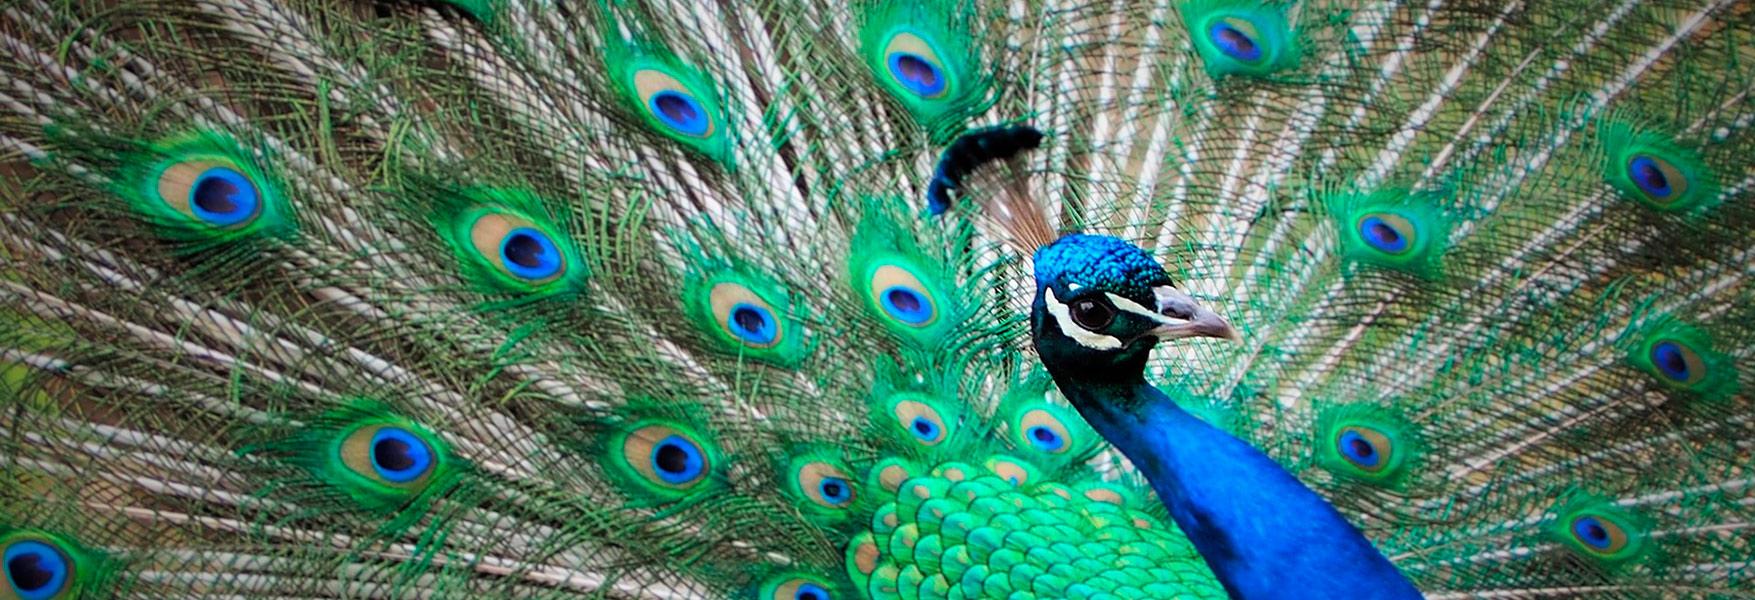 El Secreto Del Colorido Plumaje De Las Aves